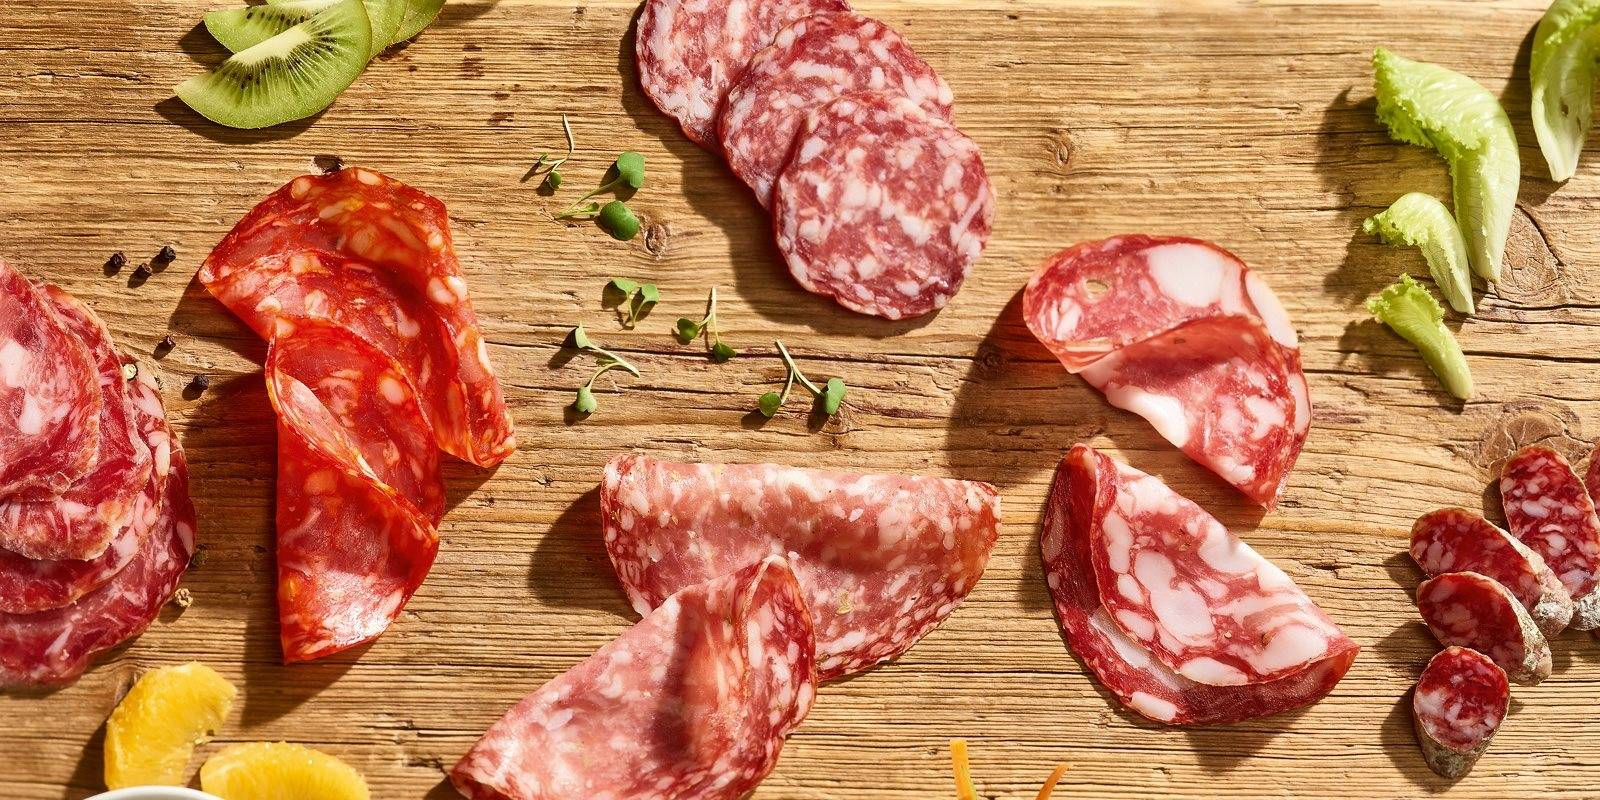 levoni_emozionale_ricette_tagliere_salami